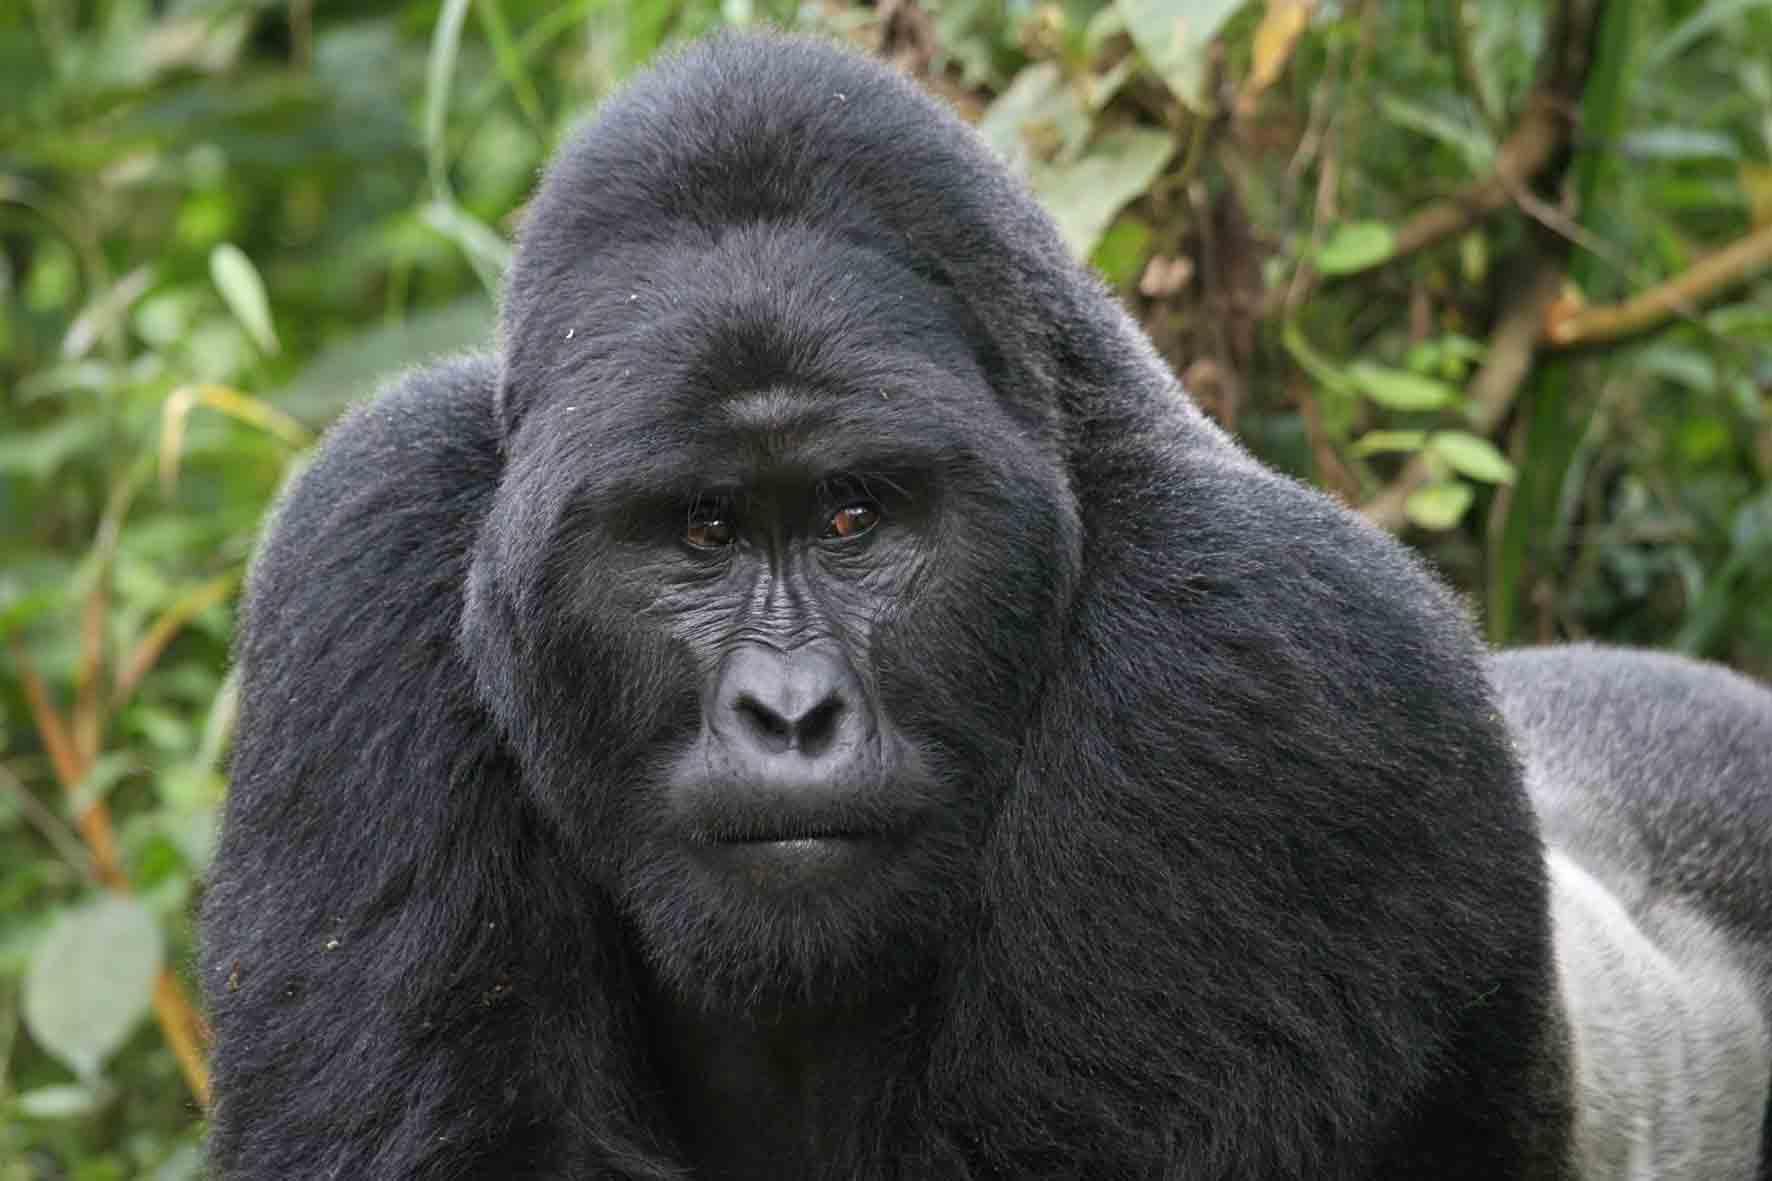 2012-08-18-GorillaSilverback6.jpg